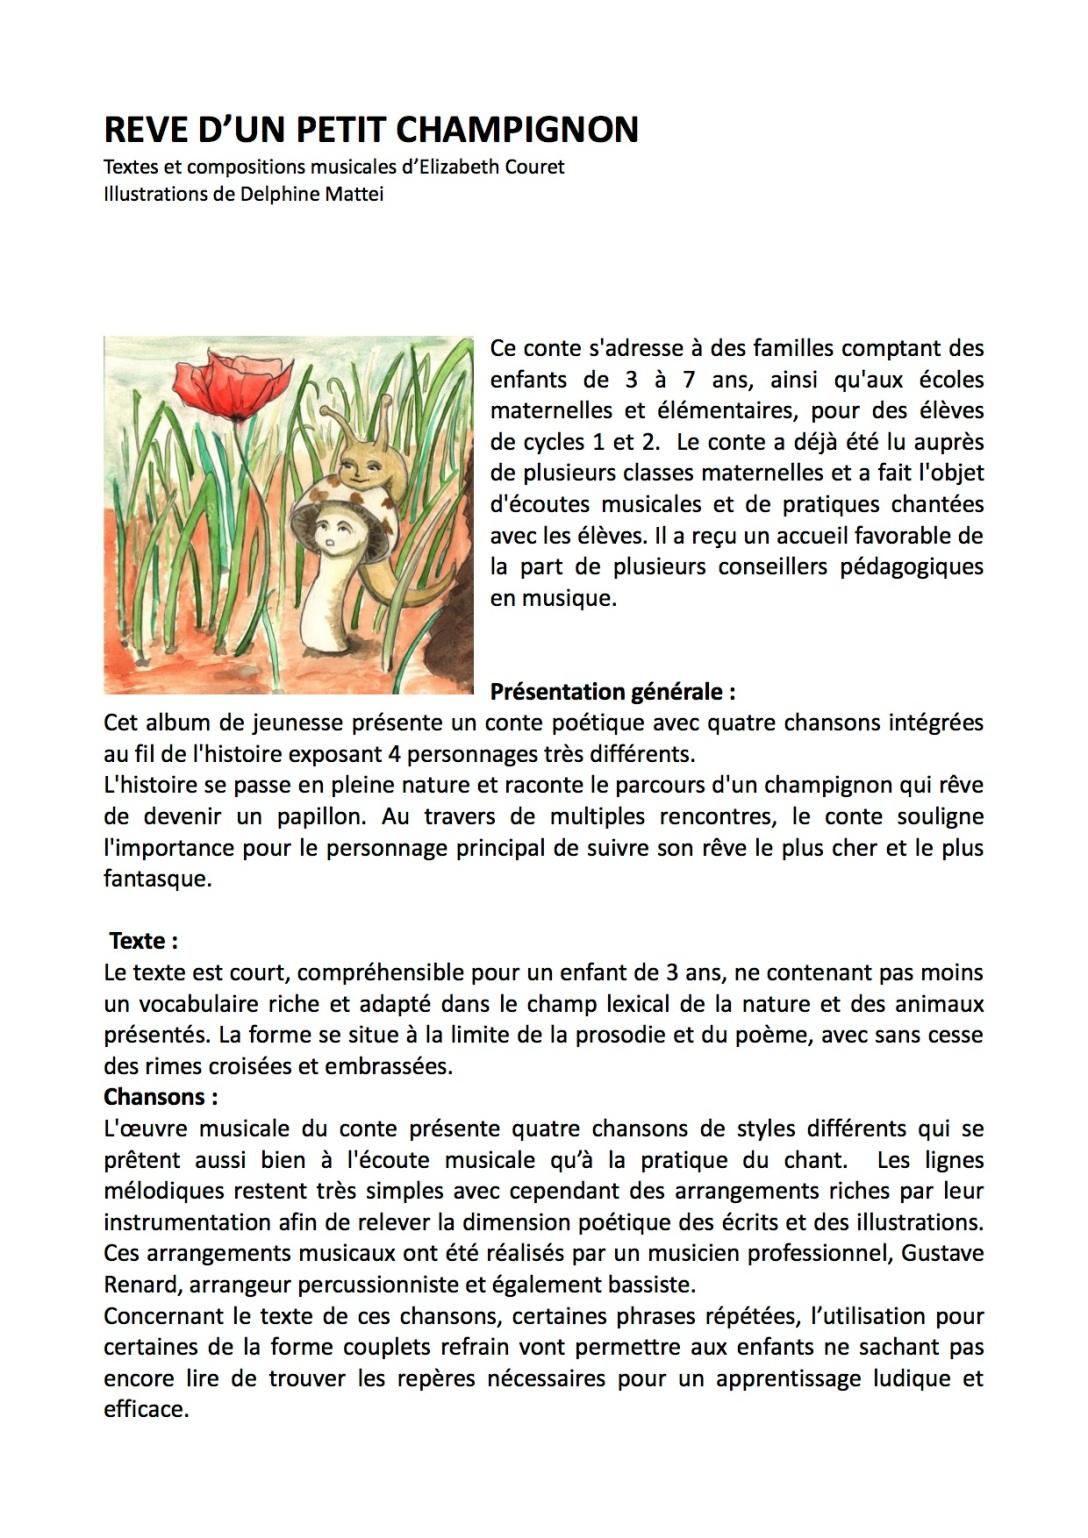 lettre_de_présentation_rêve d'un petit champignon.jpg